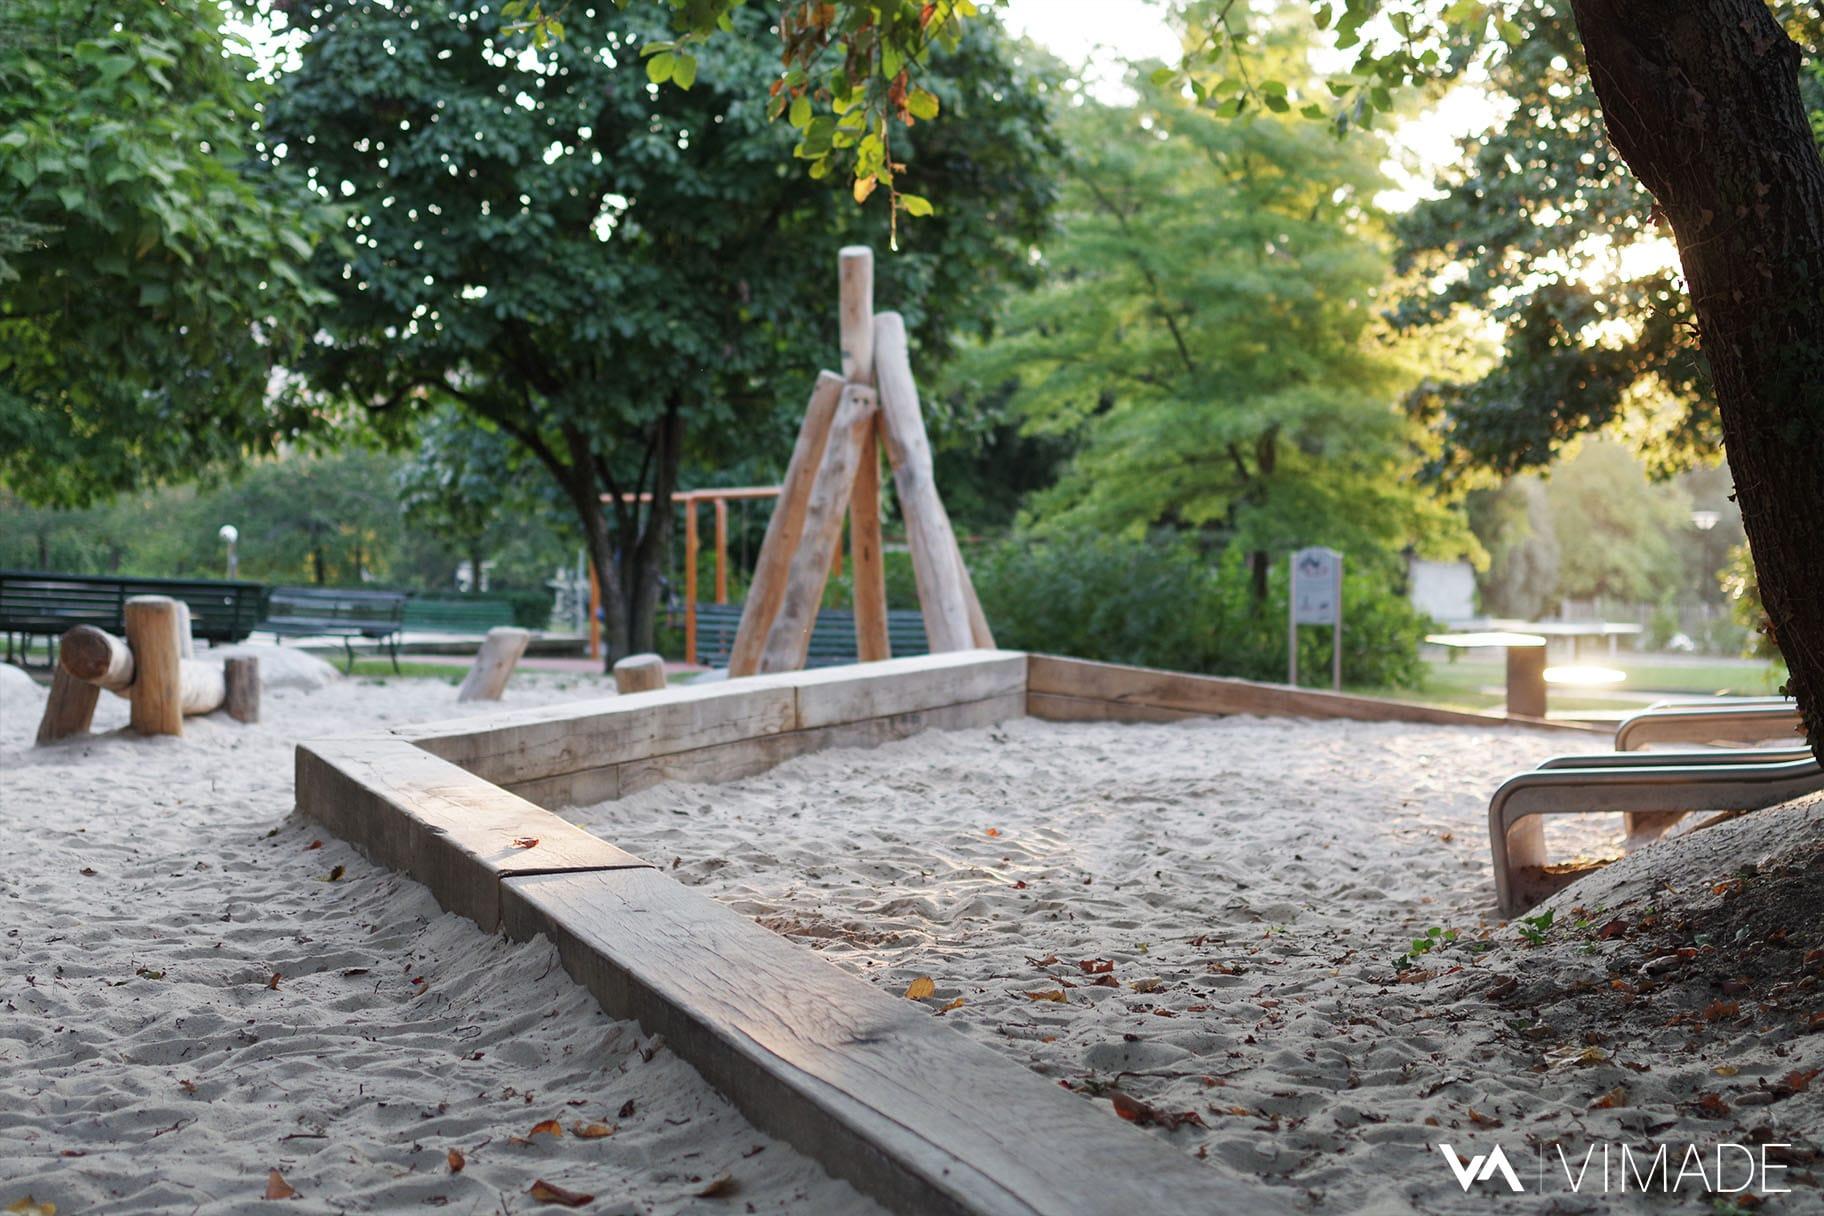 bac-sable-place-jeux-enfant-toboggan-parc-franchises-bois-nature-chatelaine-vernier-geneve-vimade-architecte-paysagiste